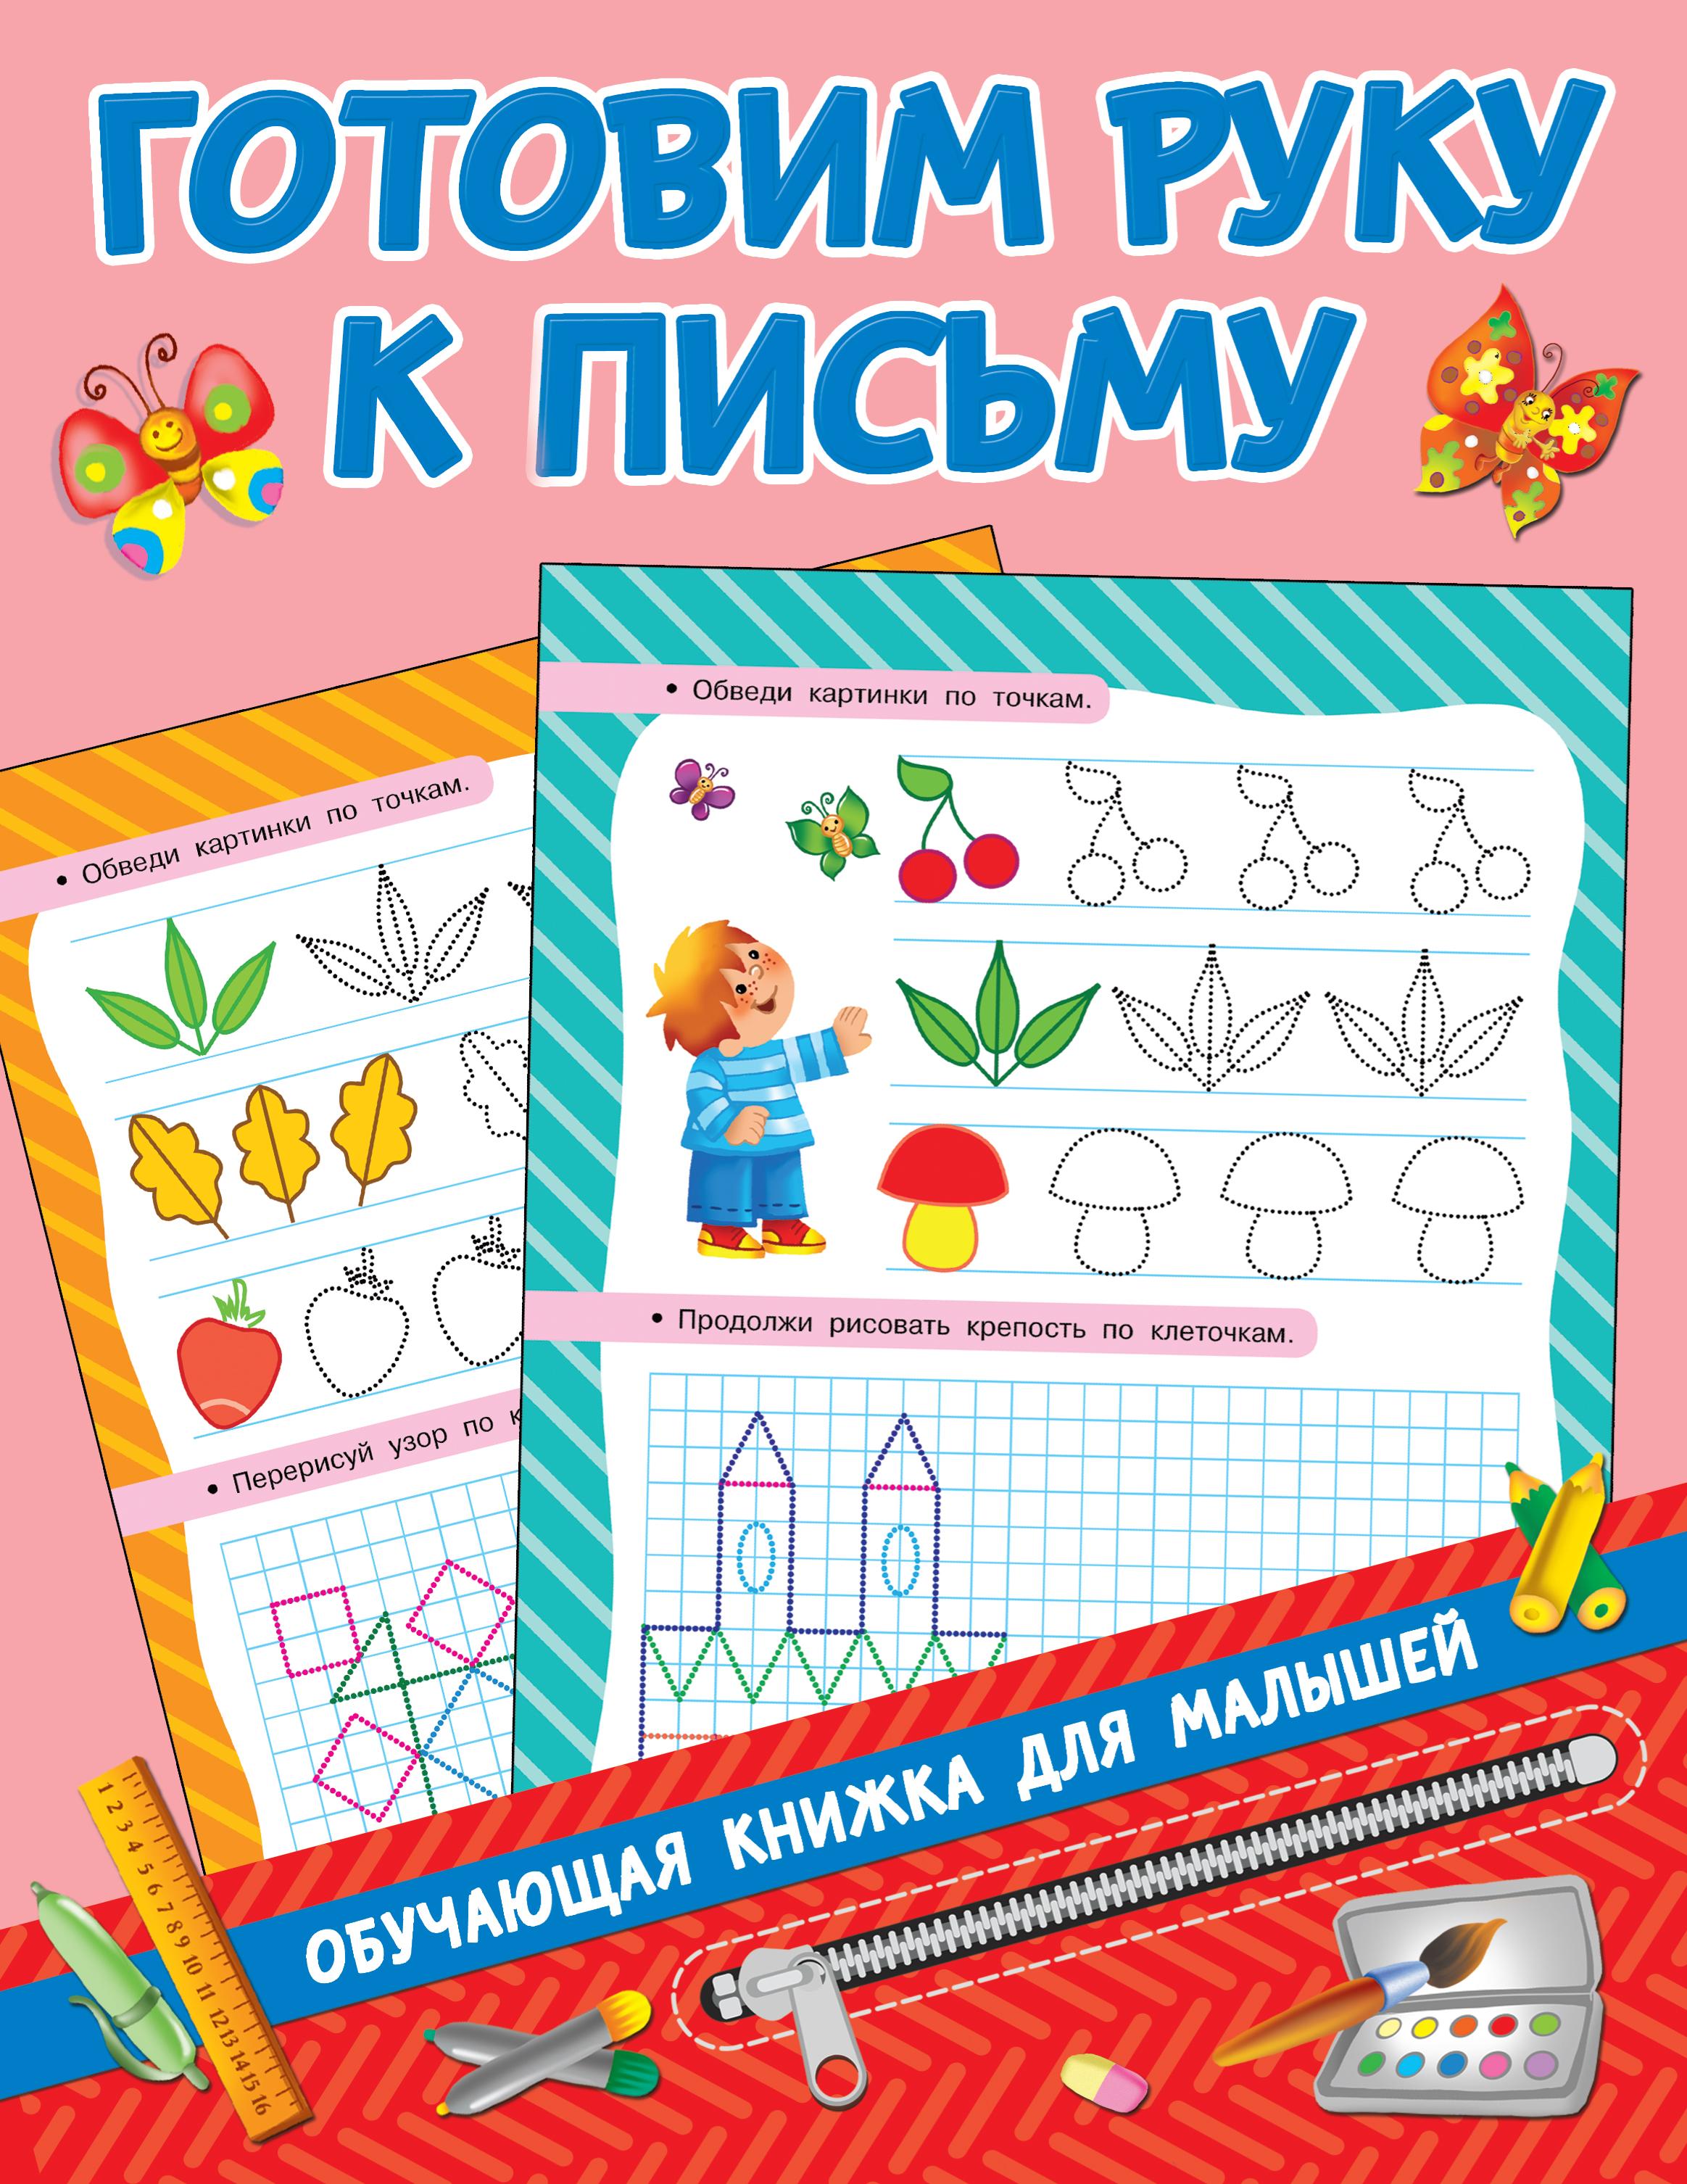 Дмитриева В.Г. Готовим руку к письму готовим руку к письму мишка